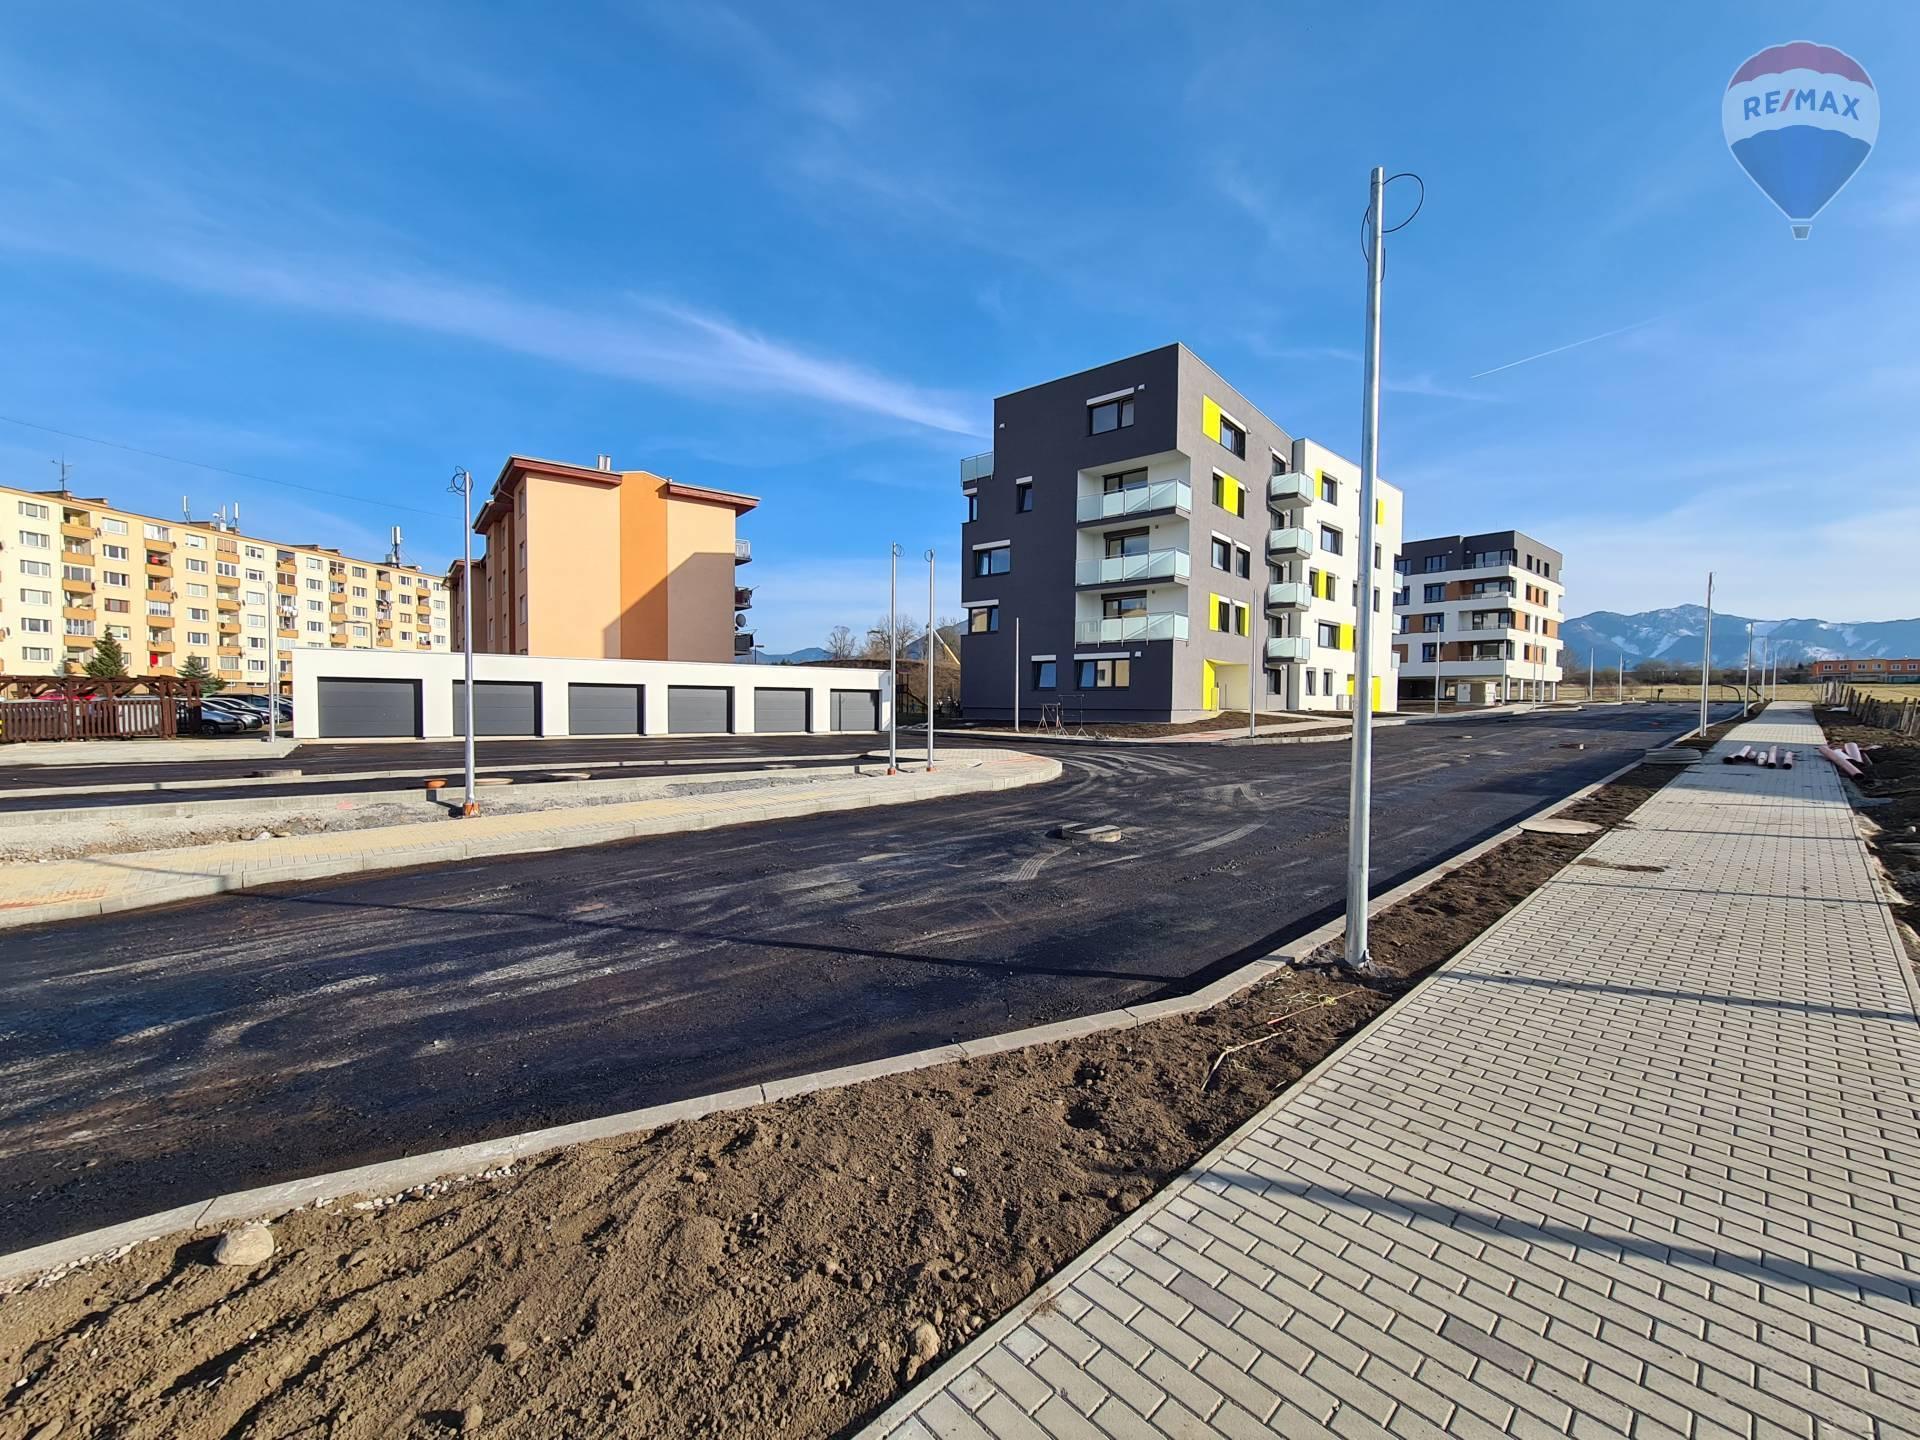 Predaj bytov Nová Palúdzka - Na predaj nové 2-3 izbové byty v projekte Nová Palúdzka